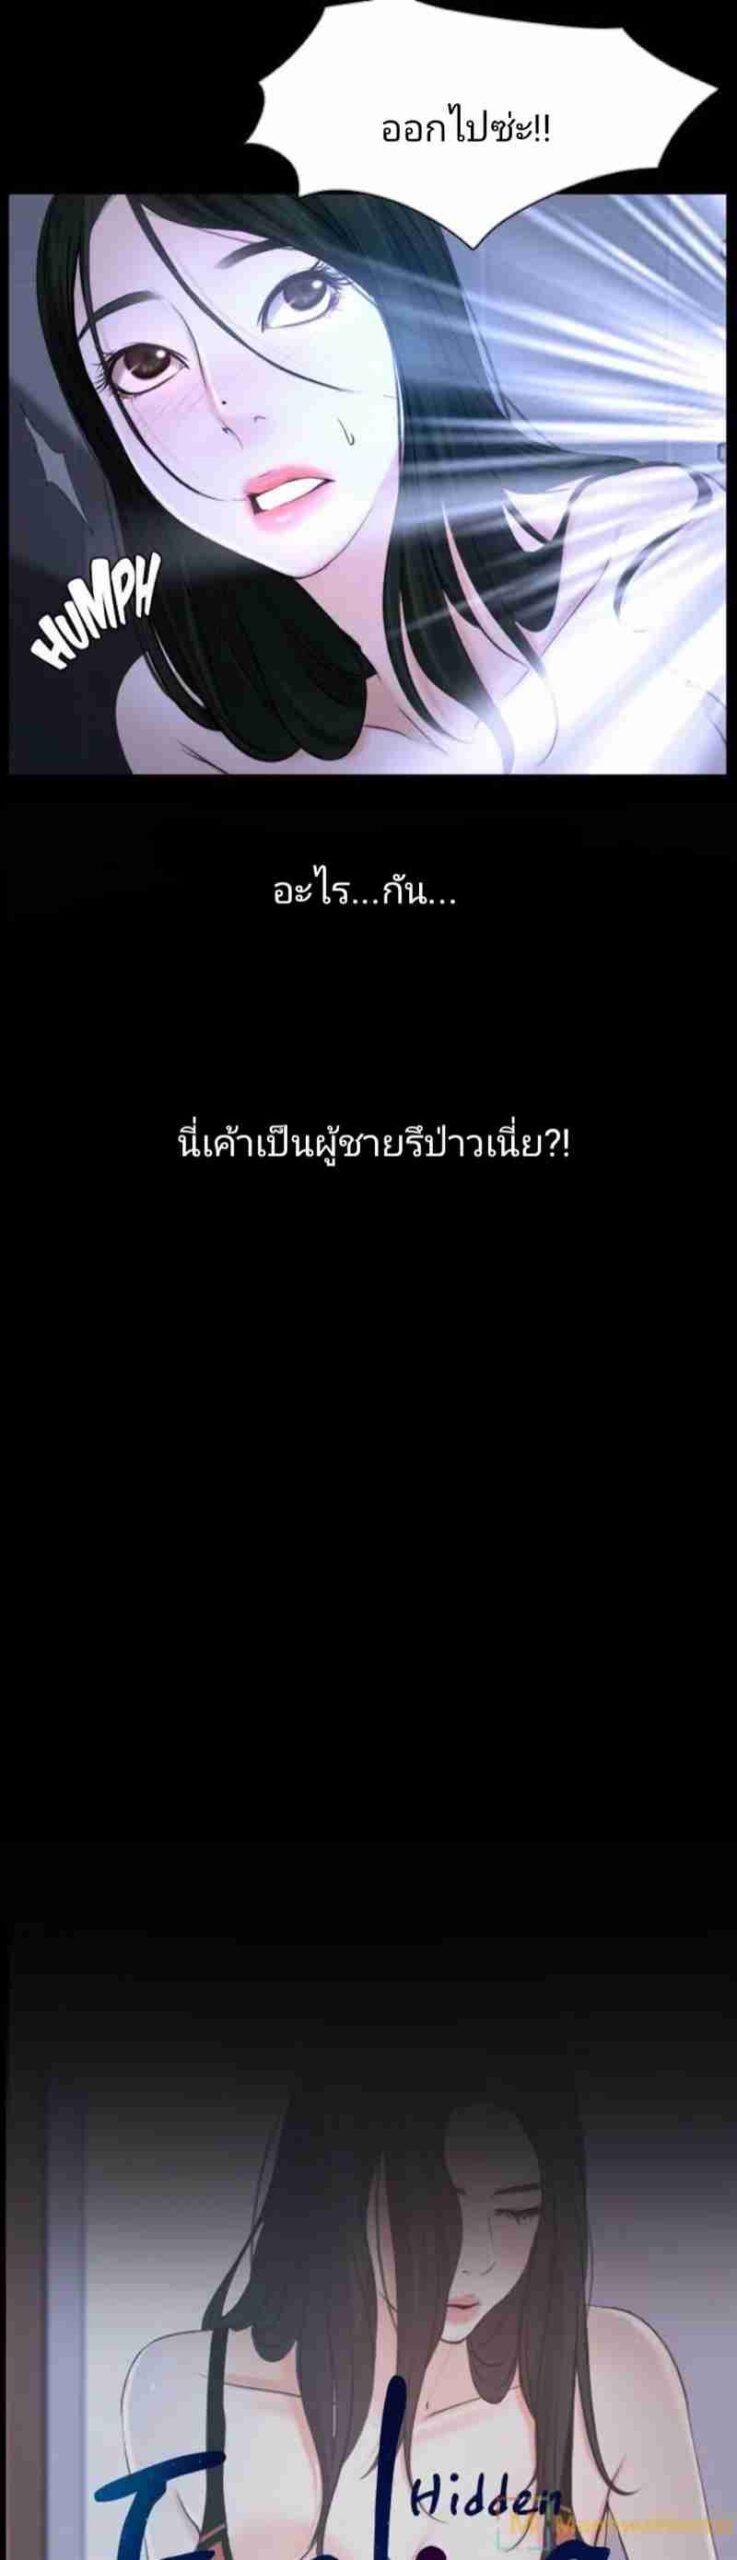 โดจิน Doujin ความรู้สึกที่ซ่อนอยู่ในใจ(21)11